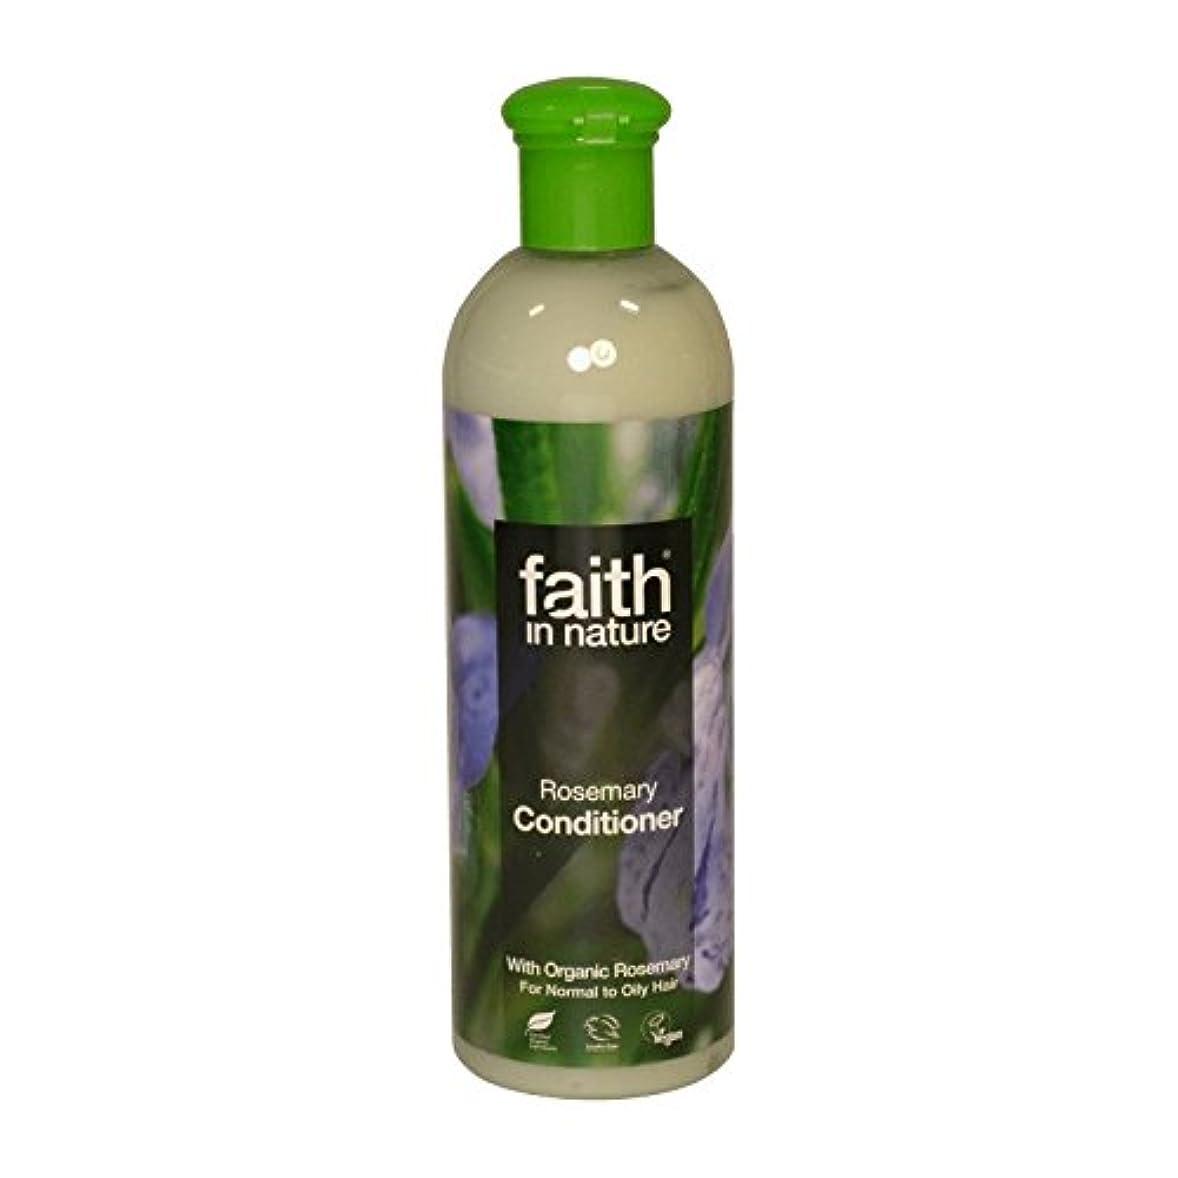 宿る褐色植物学者Faith in Nature Rosemary Conditioner 400ml (Pack of 2) - 自然ローズマリーコンディショナー400ミリリットルの信仰 (x2) [並行輸入品]